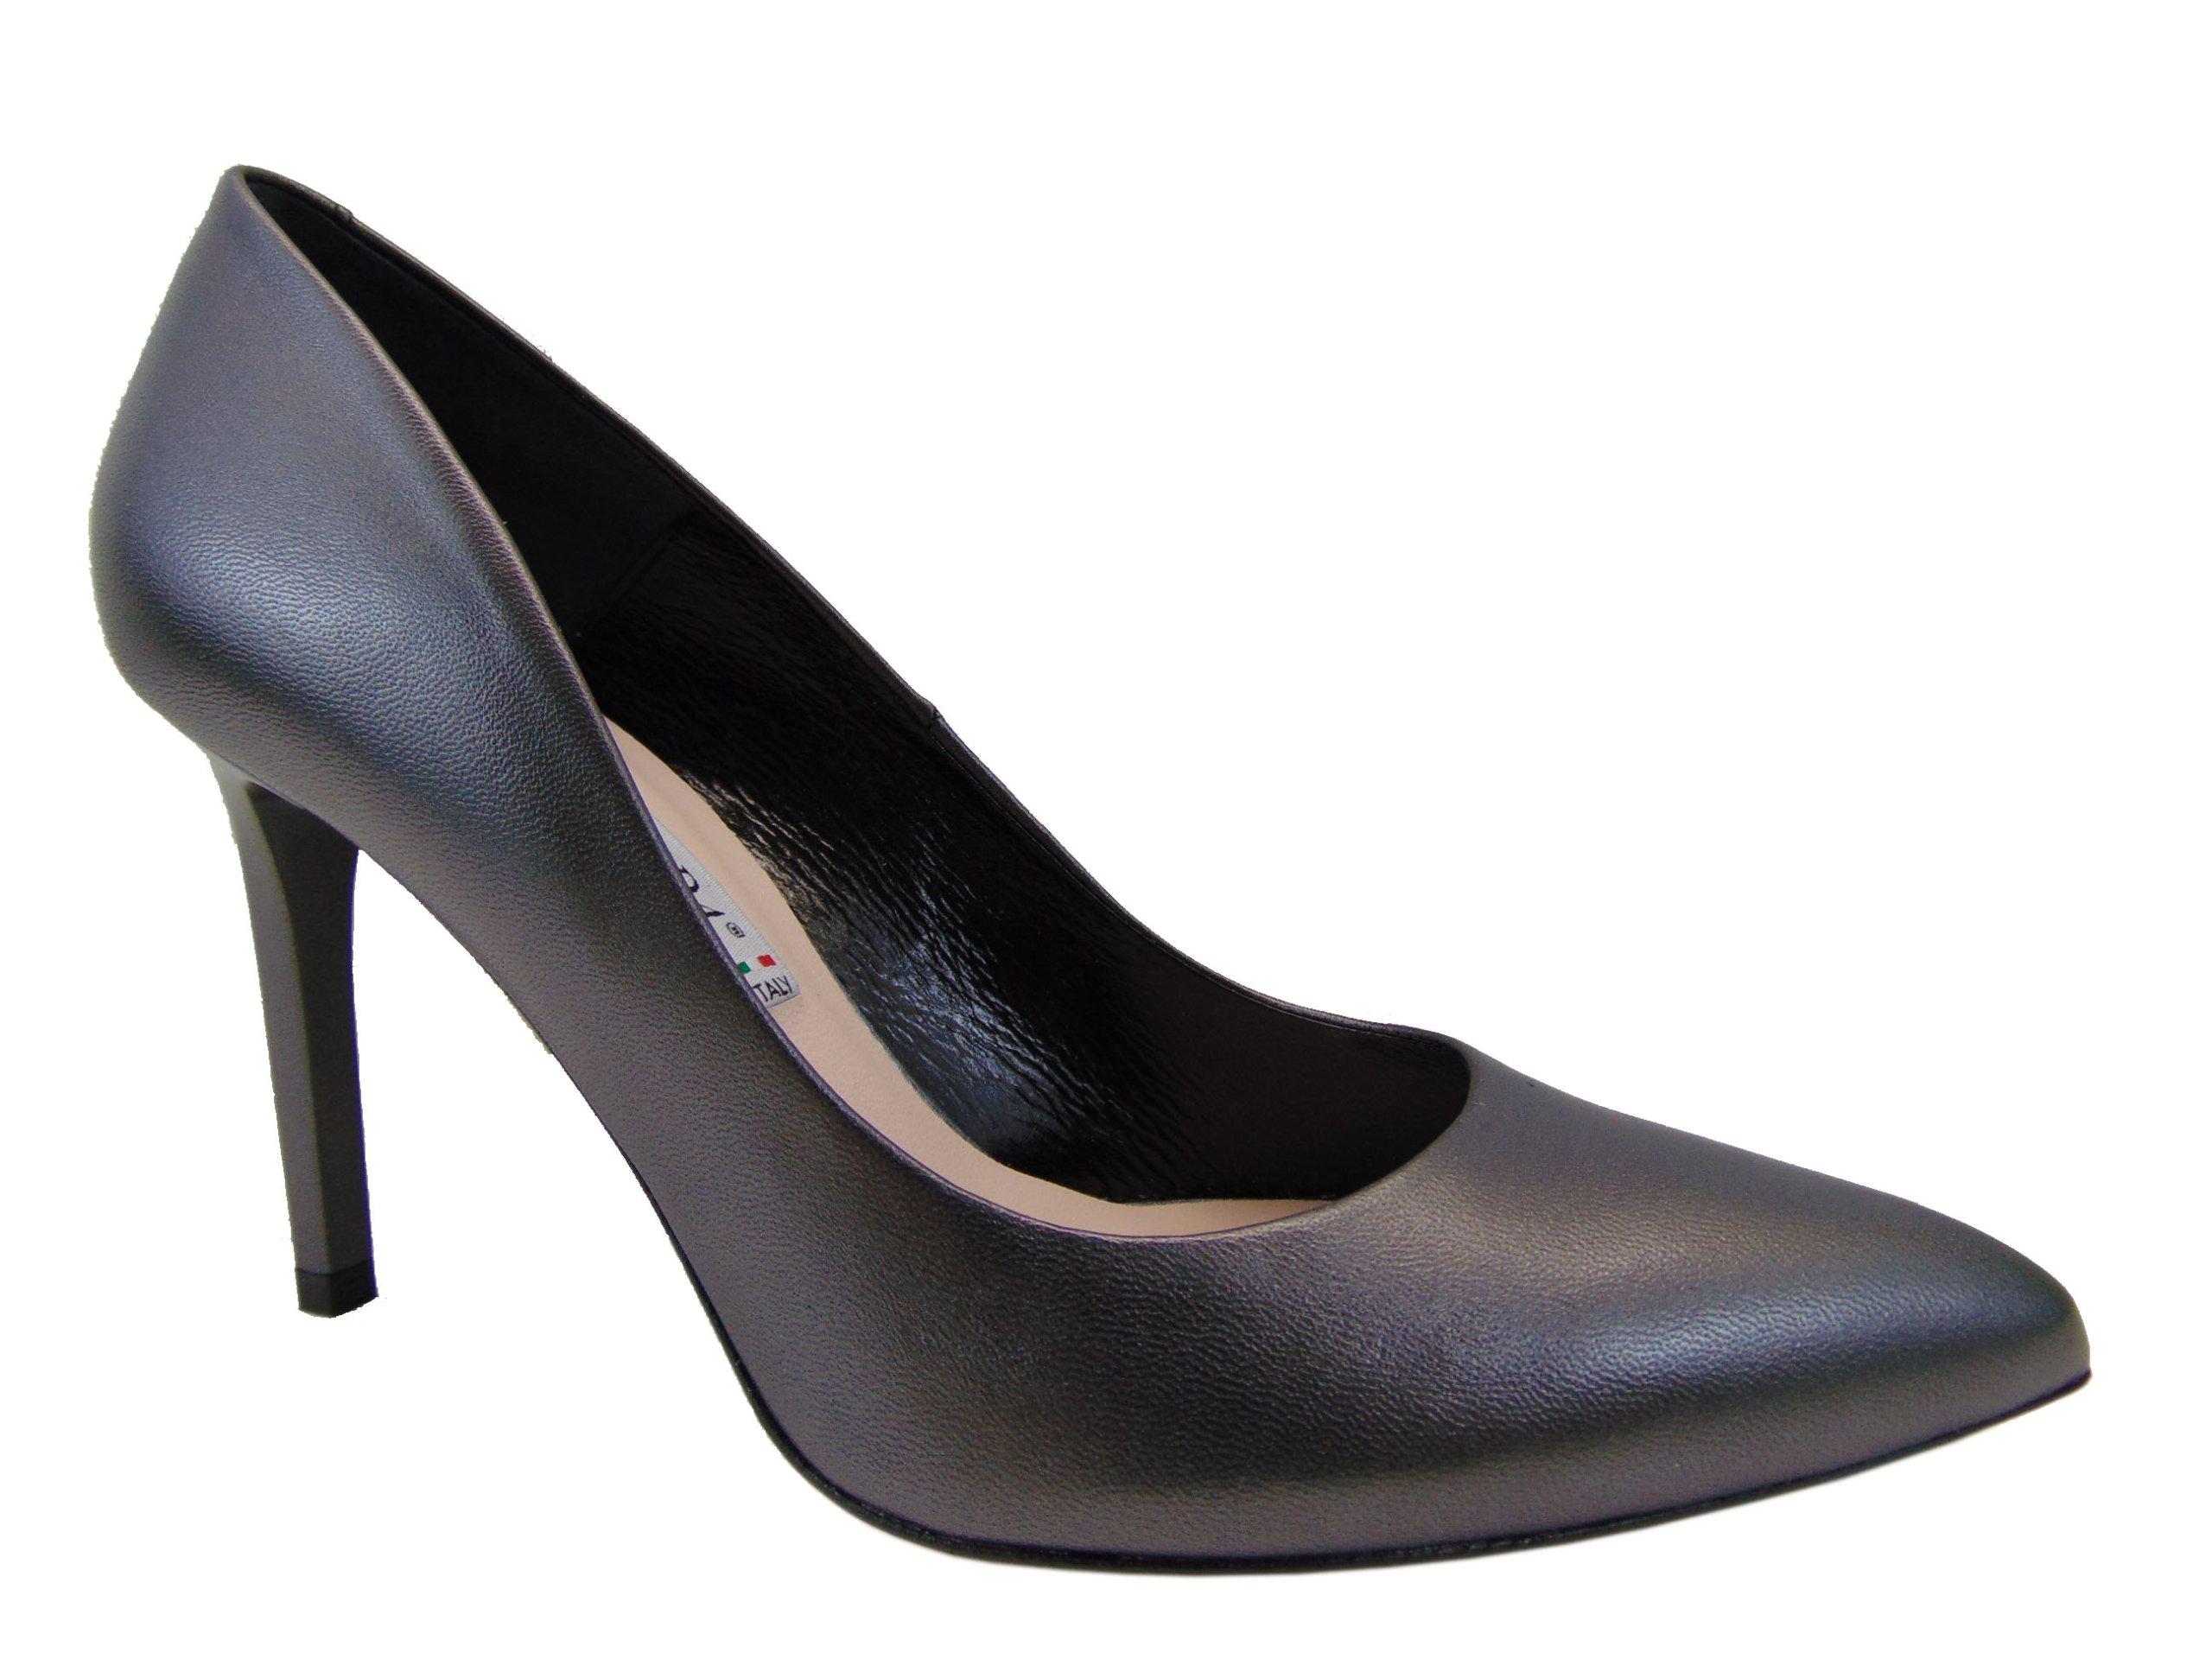 Czółenka Bravo Moda 1373 czarna perła